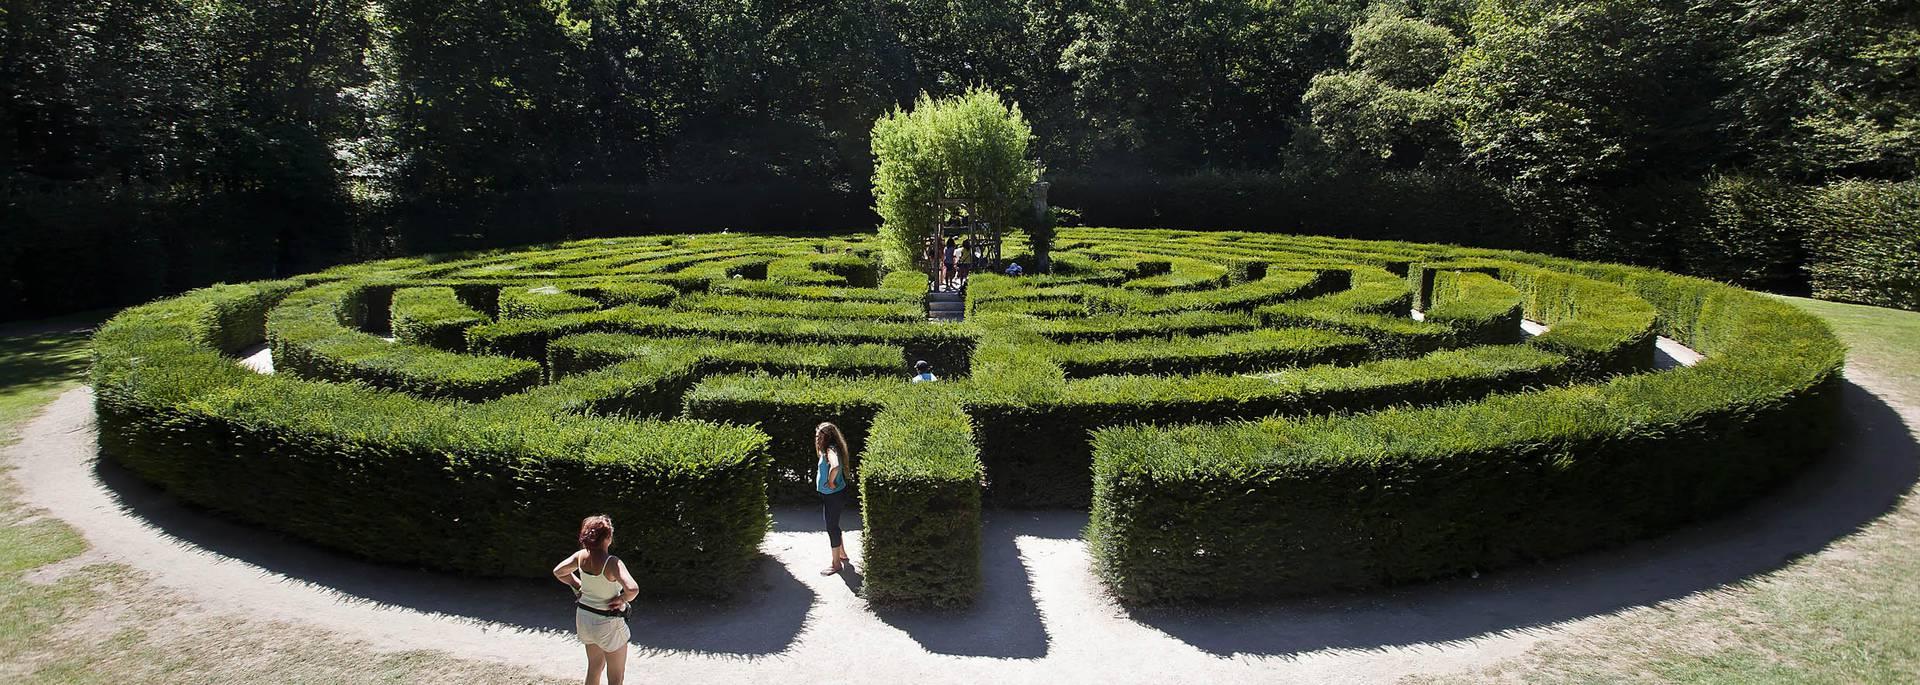 Jardins du château de Chenonceau© Images de Marc